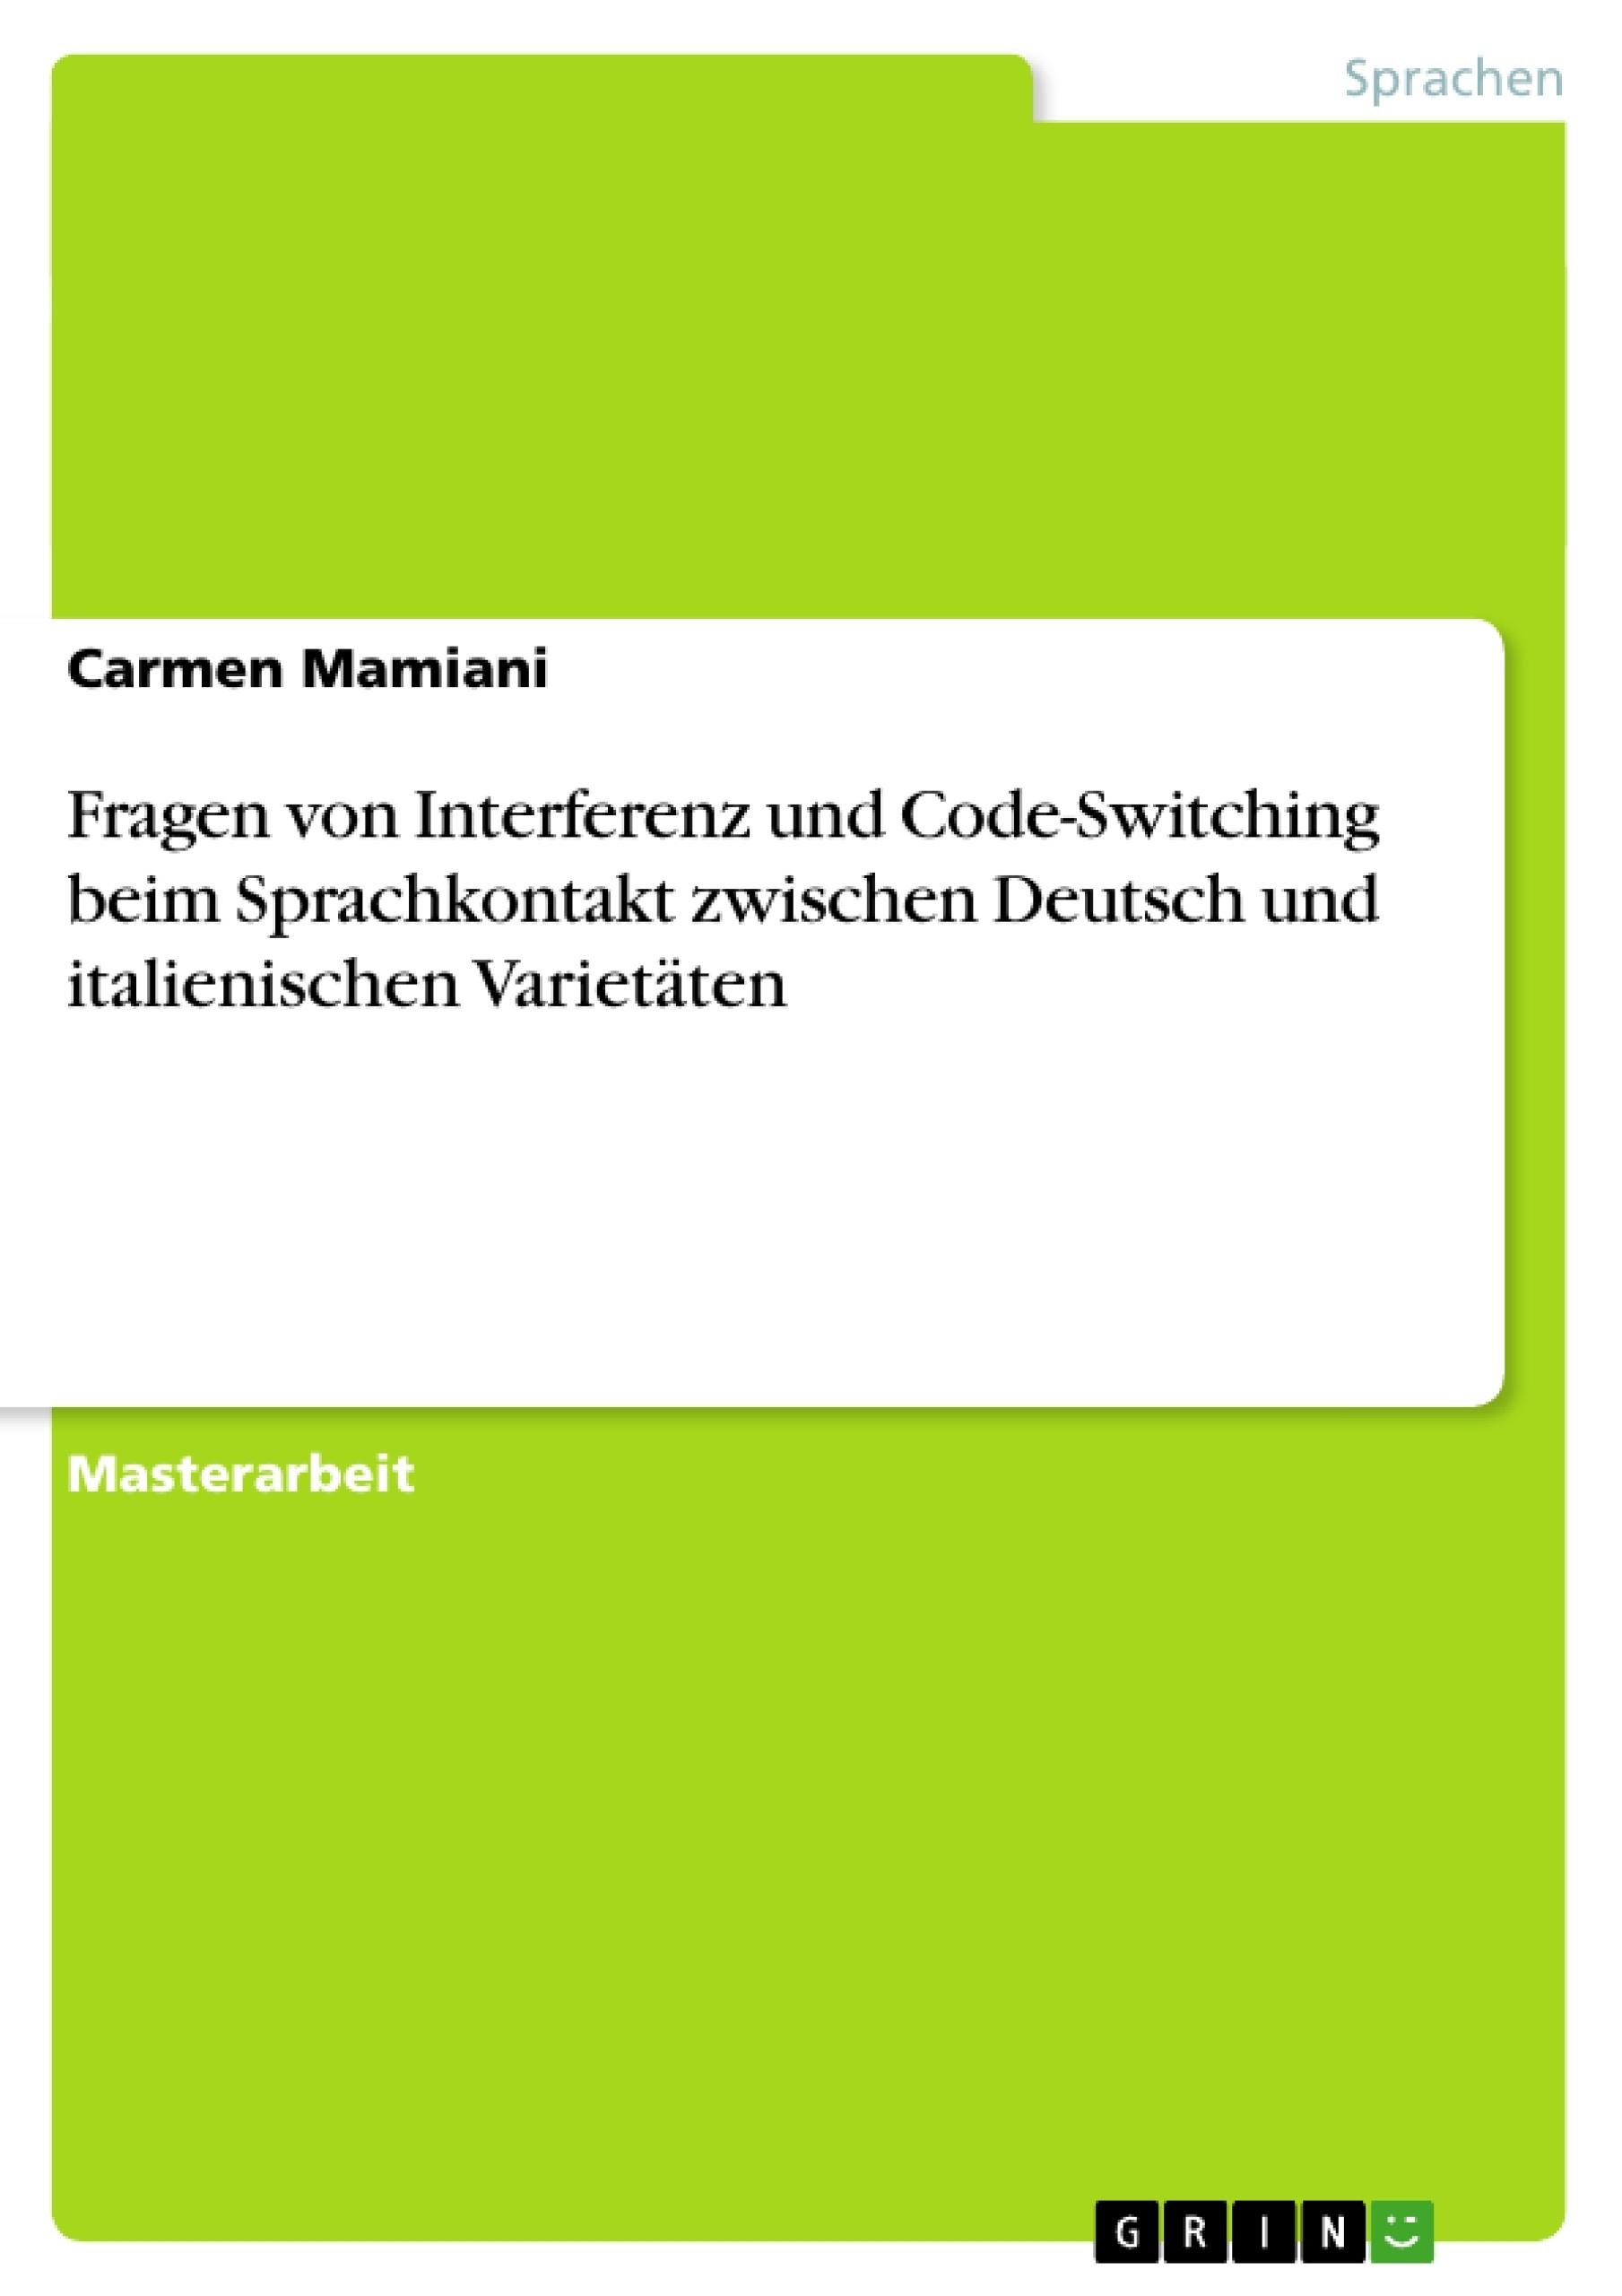 Titel: Fragen von Interferenz und Code-Switching beim Sprachkontakt zwischen Deutsch und italienischen Varietäten